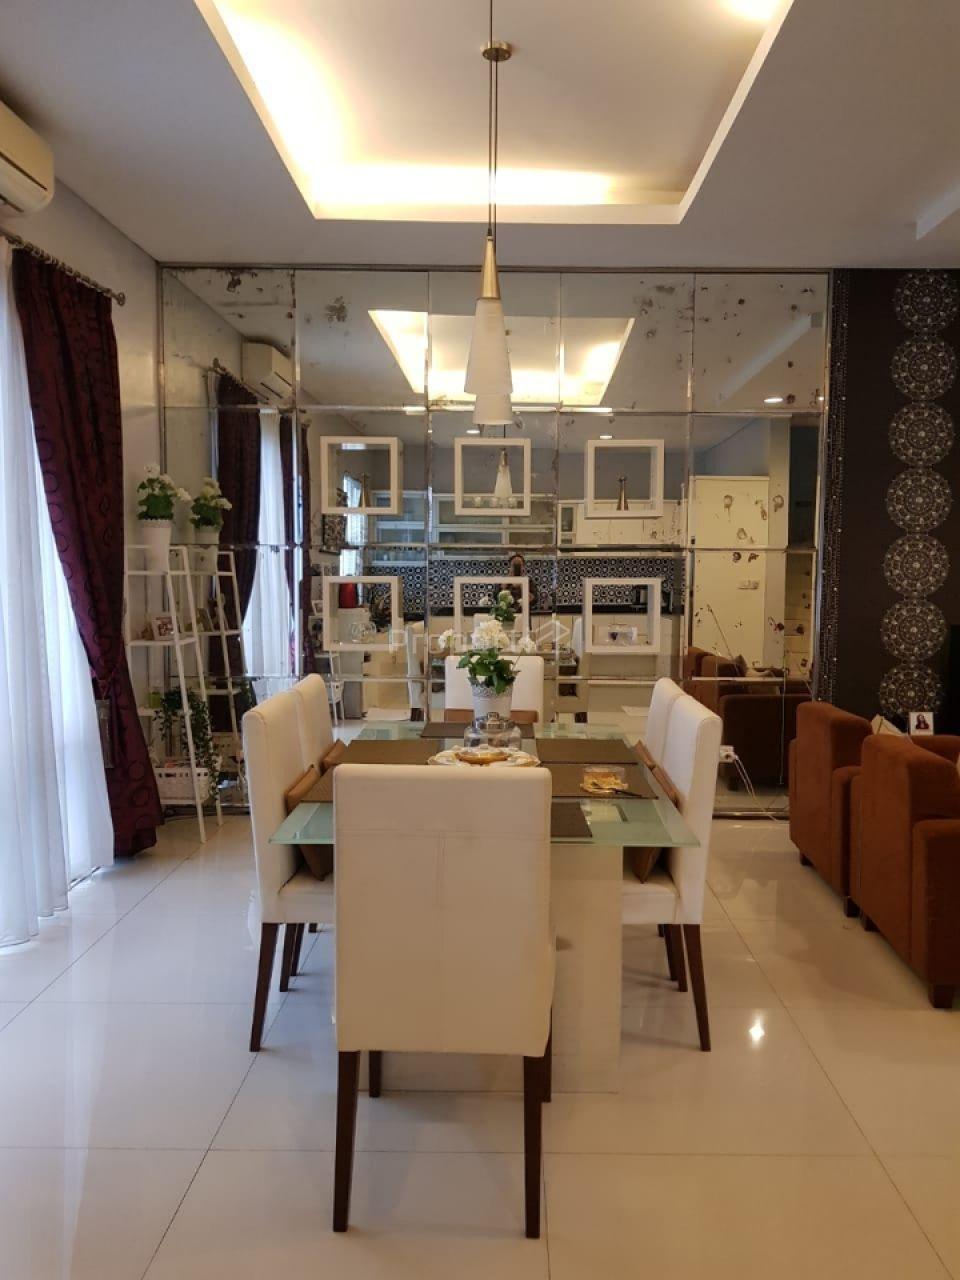 Rumah Villa Pondok Indah di Kebayoran Lama, Jakarta Selatan, Jakarta Selatan